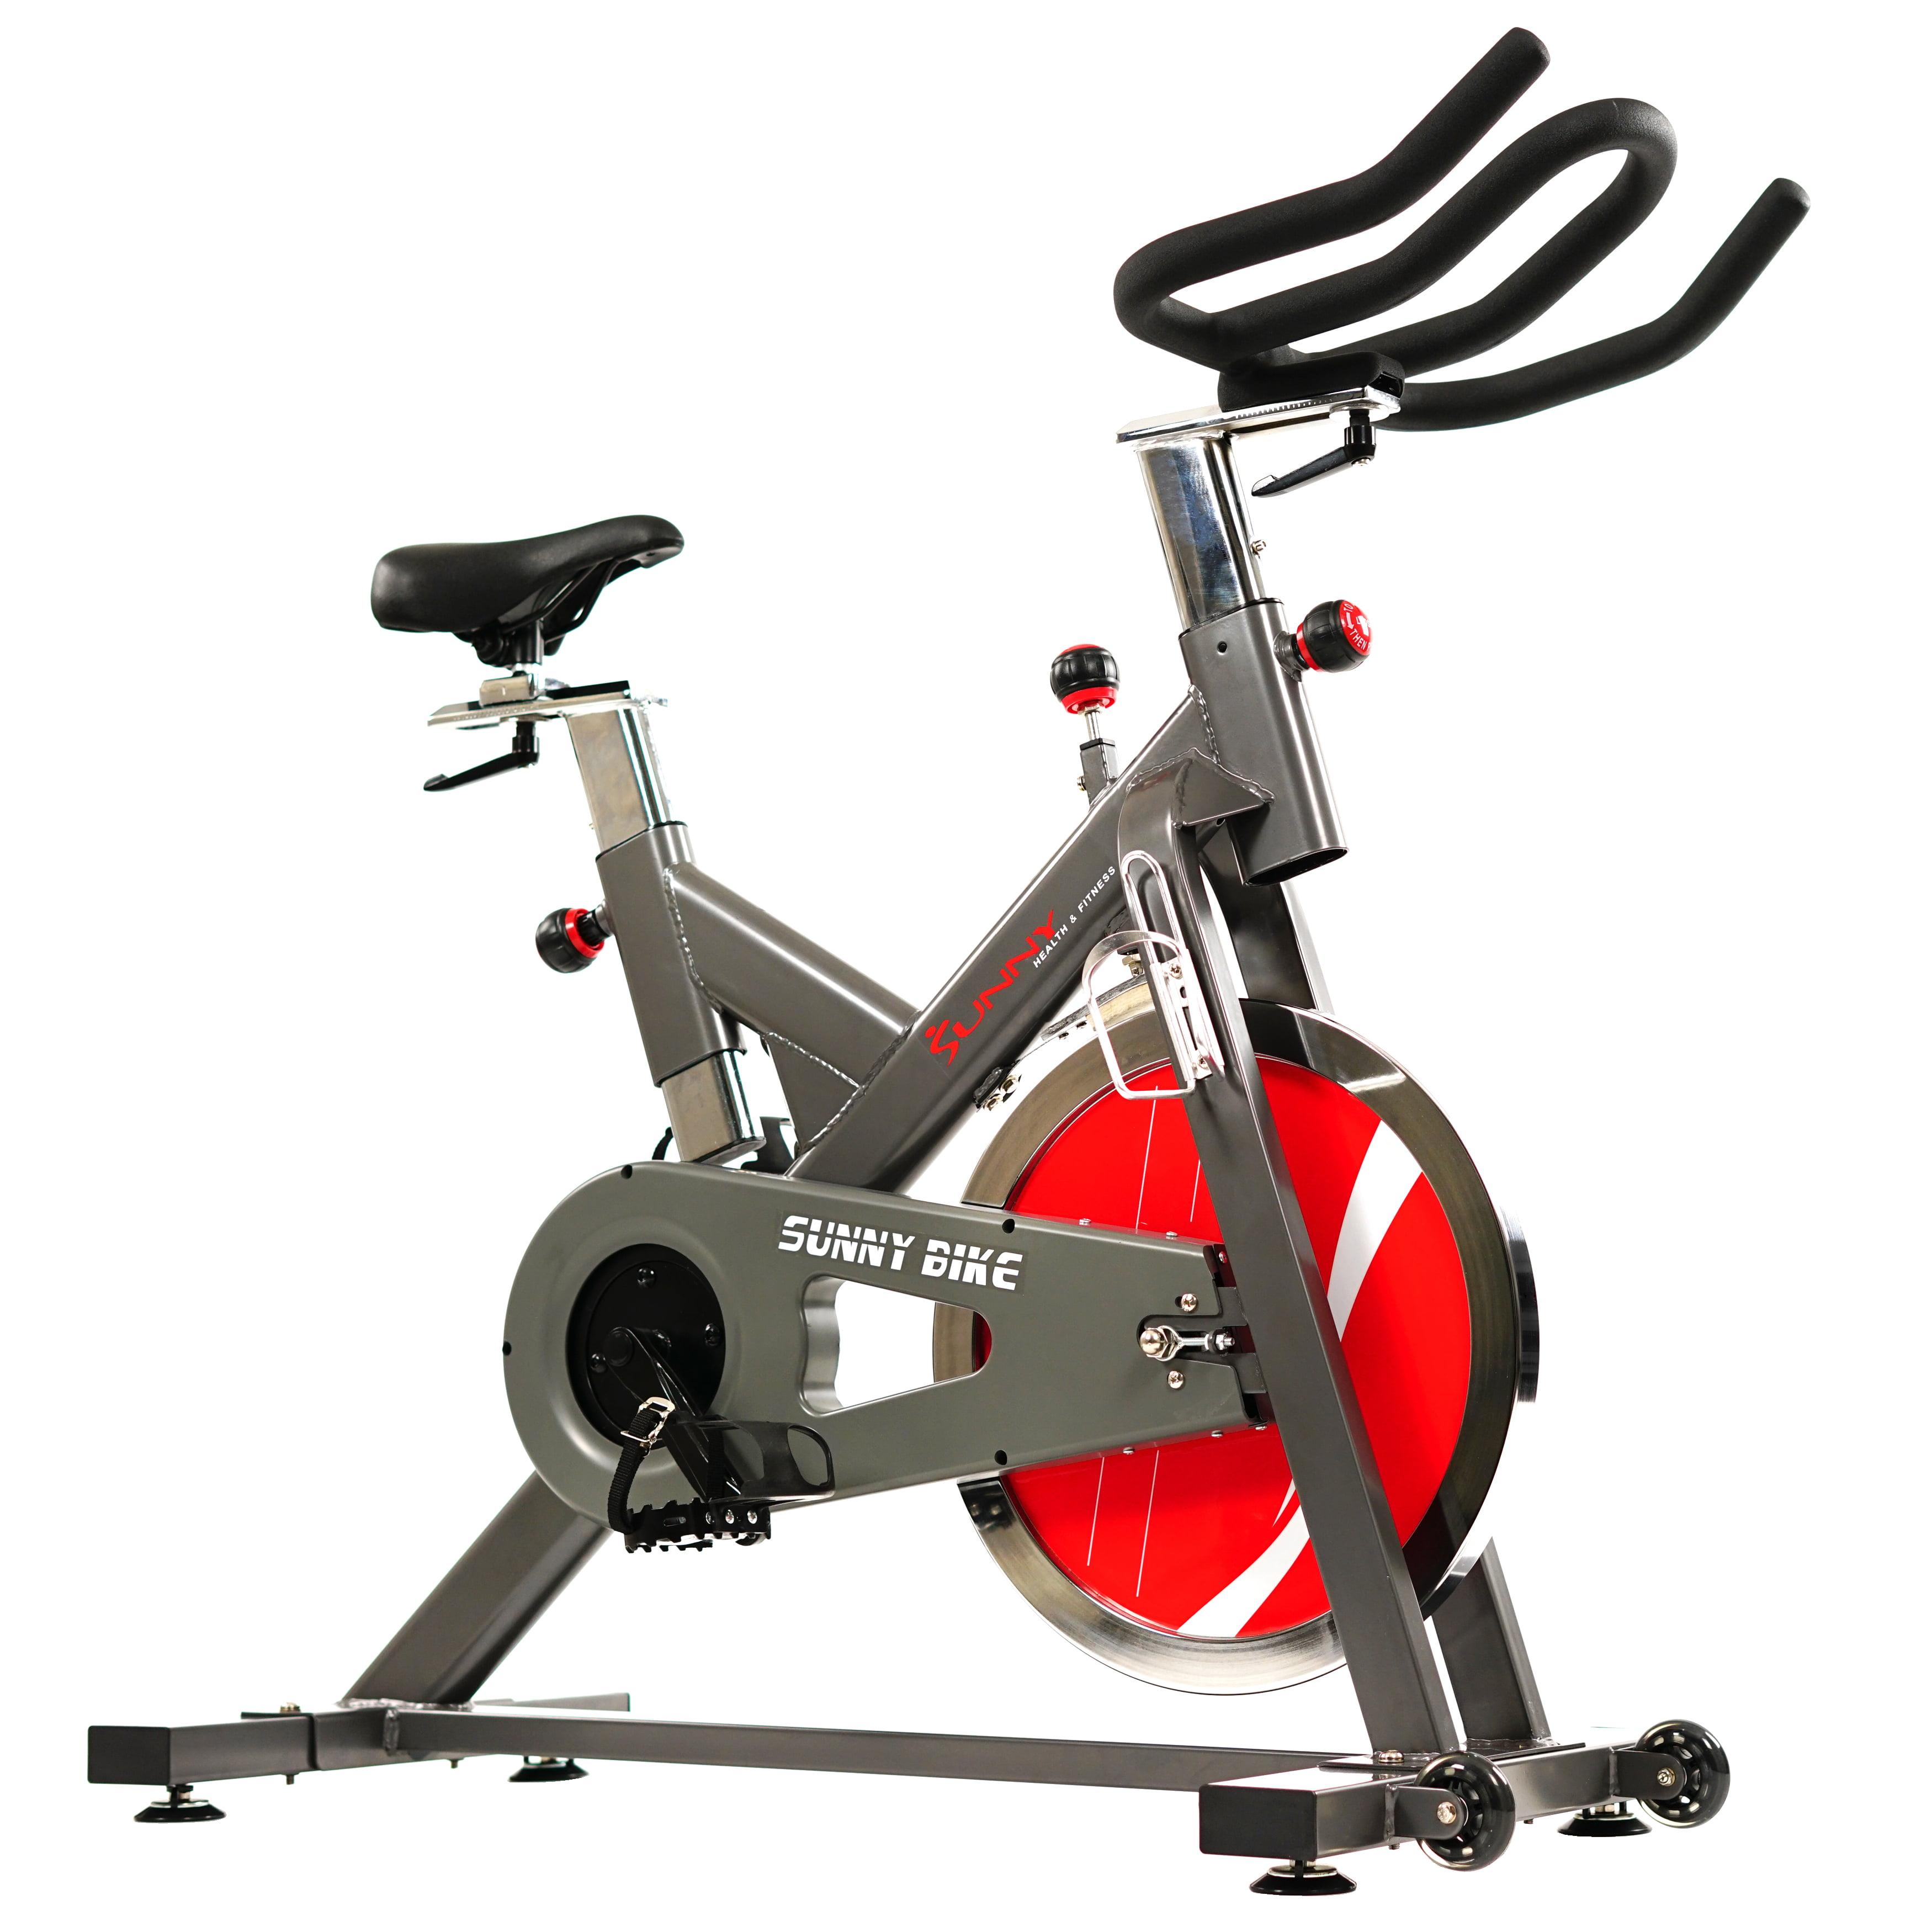 Sunny Belt Drive Indoor Cycling Bike - 44 lb Flywheel, Ad...